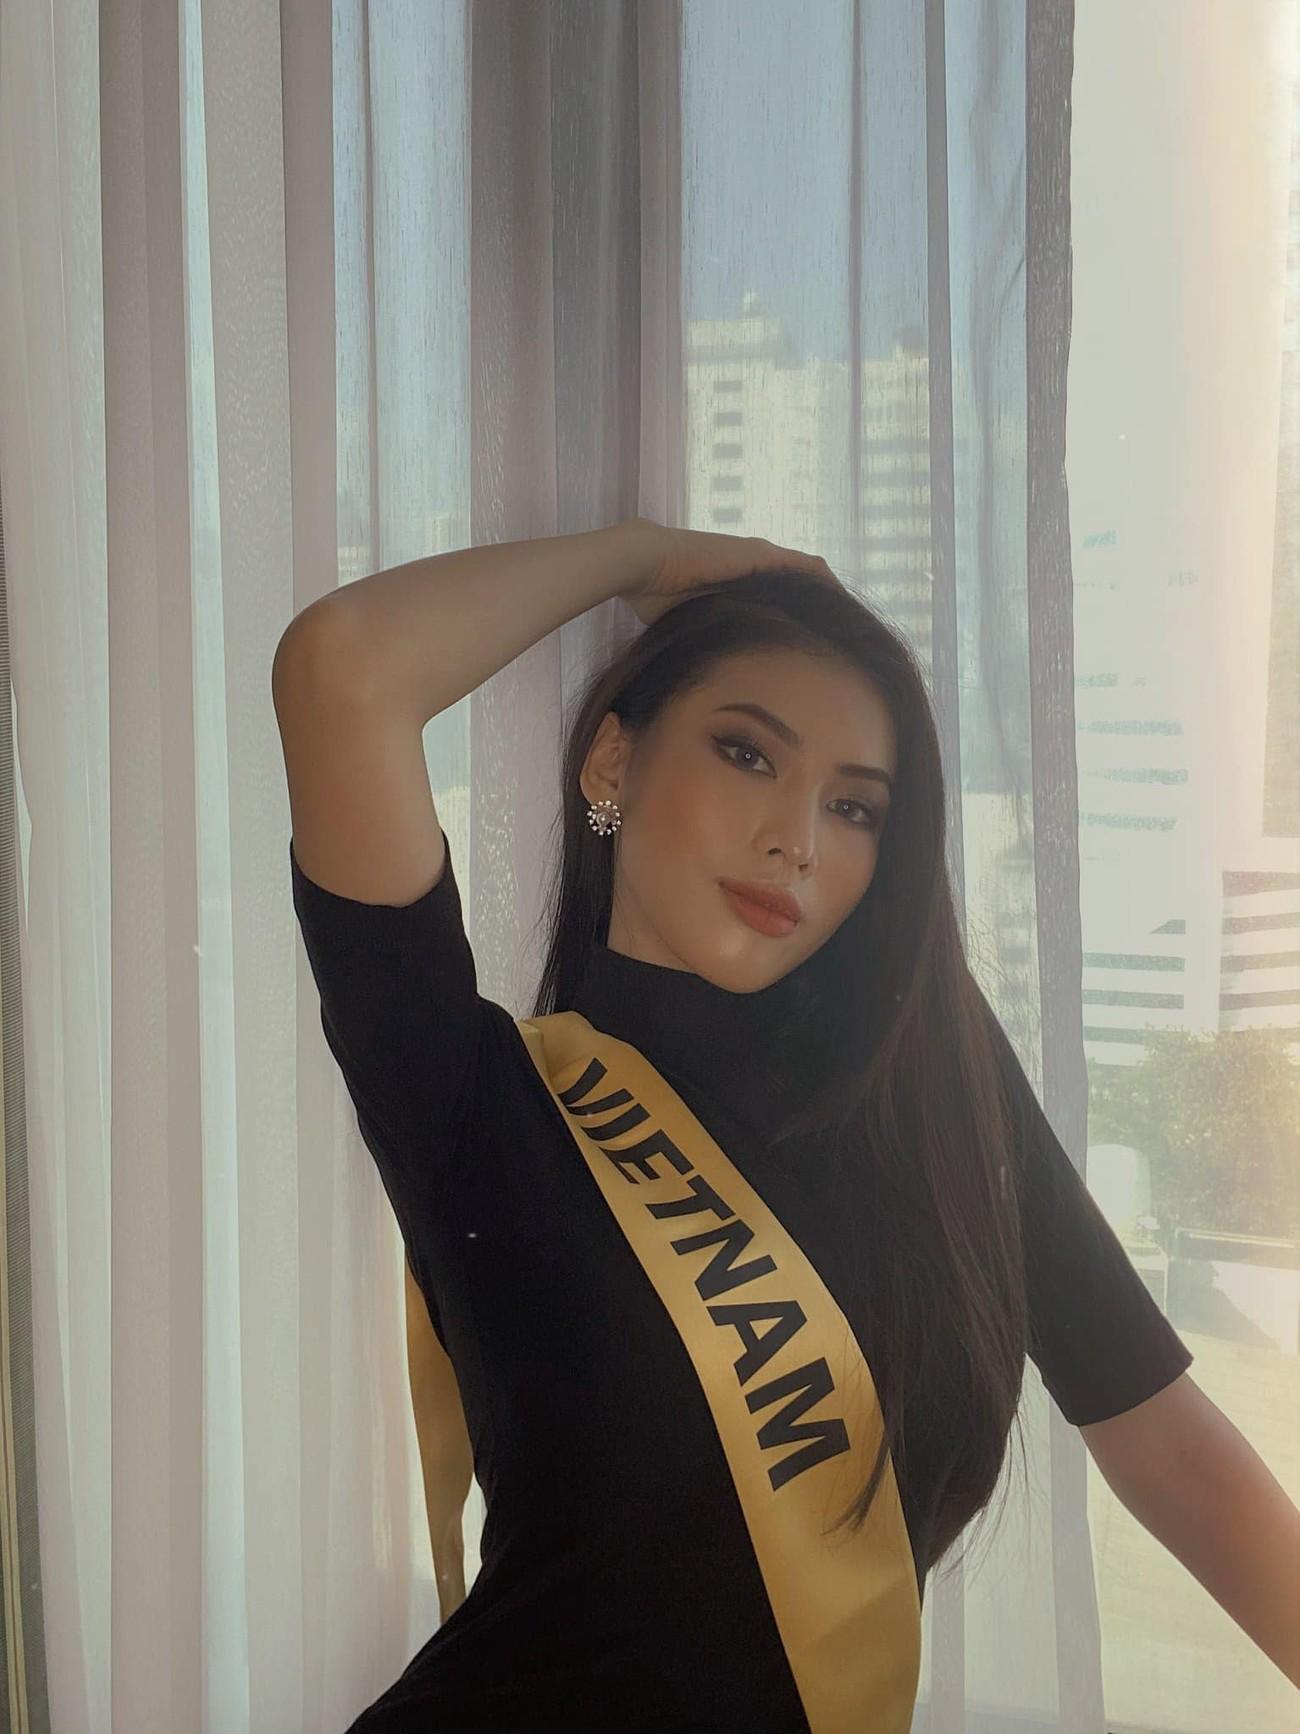 Hoa hậu Đỗ Thị Hà đội vương miện lộng lẫy dự sự kiện, H'Hen Niê hoá công chúa Disney ảnh 14